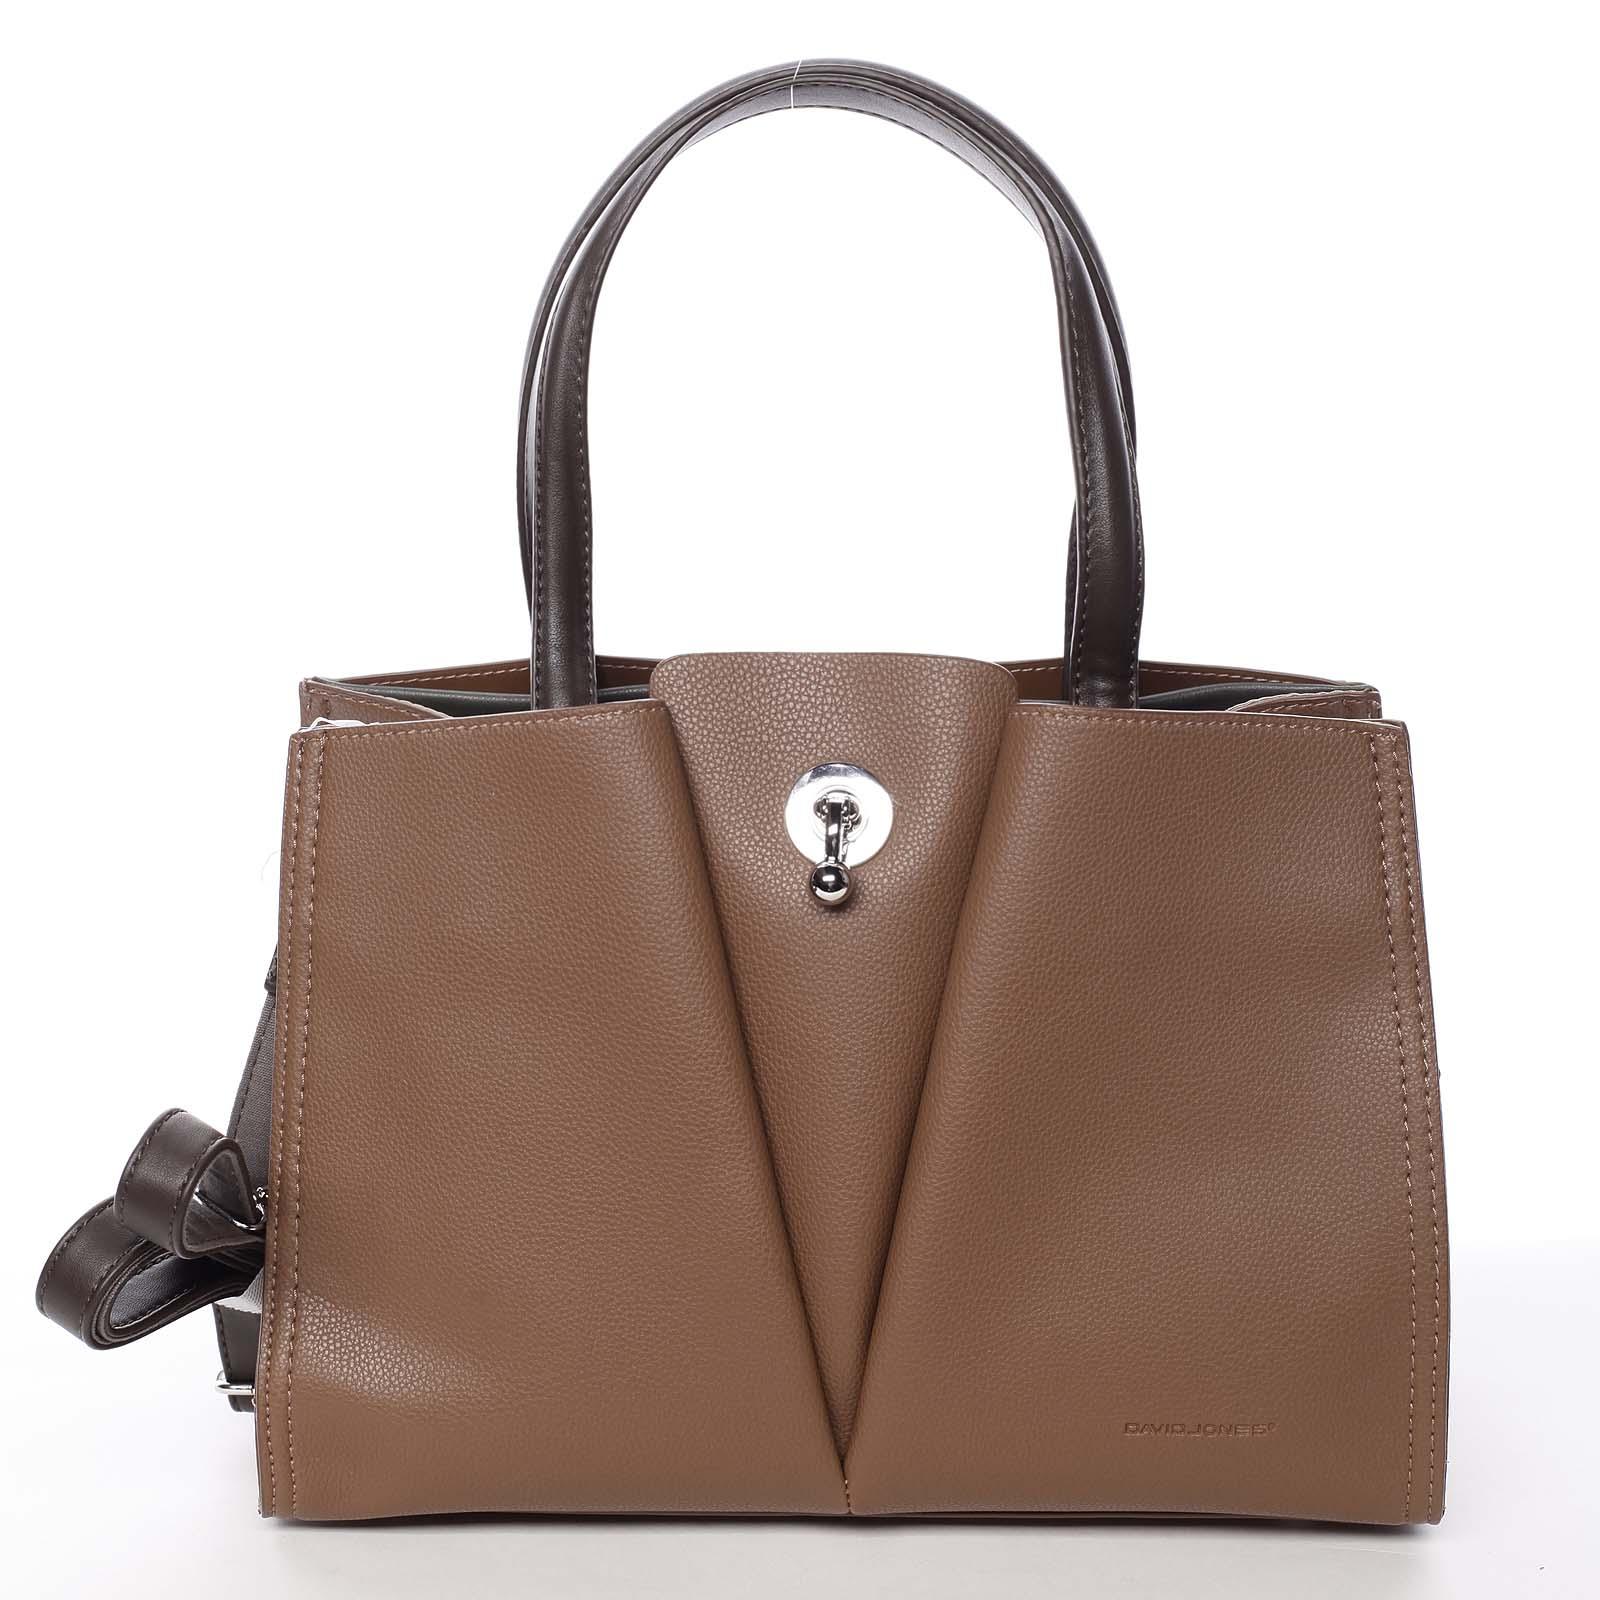 Luxusní dámská hnědá kabelka do ruky - David Jones Aedon hnědá